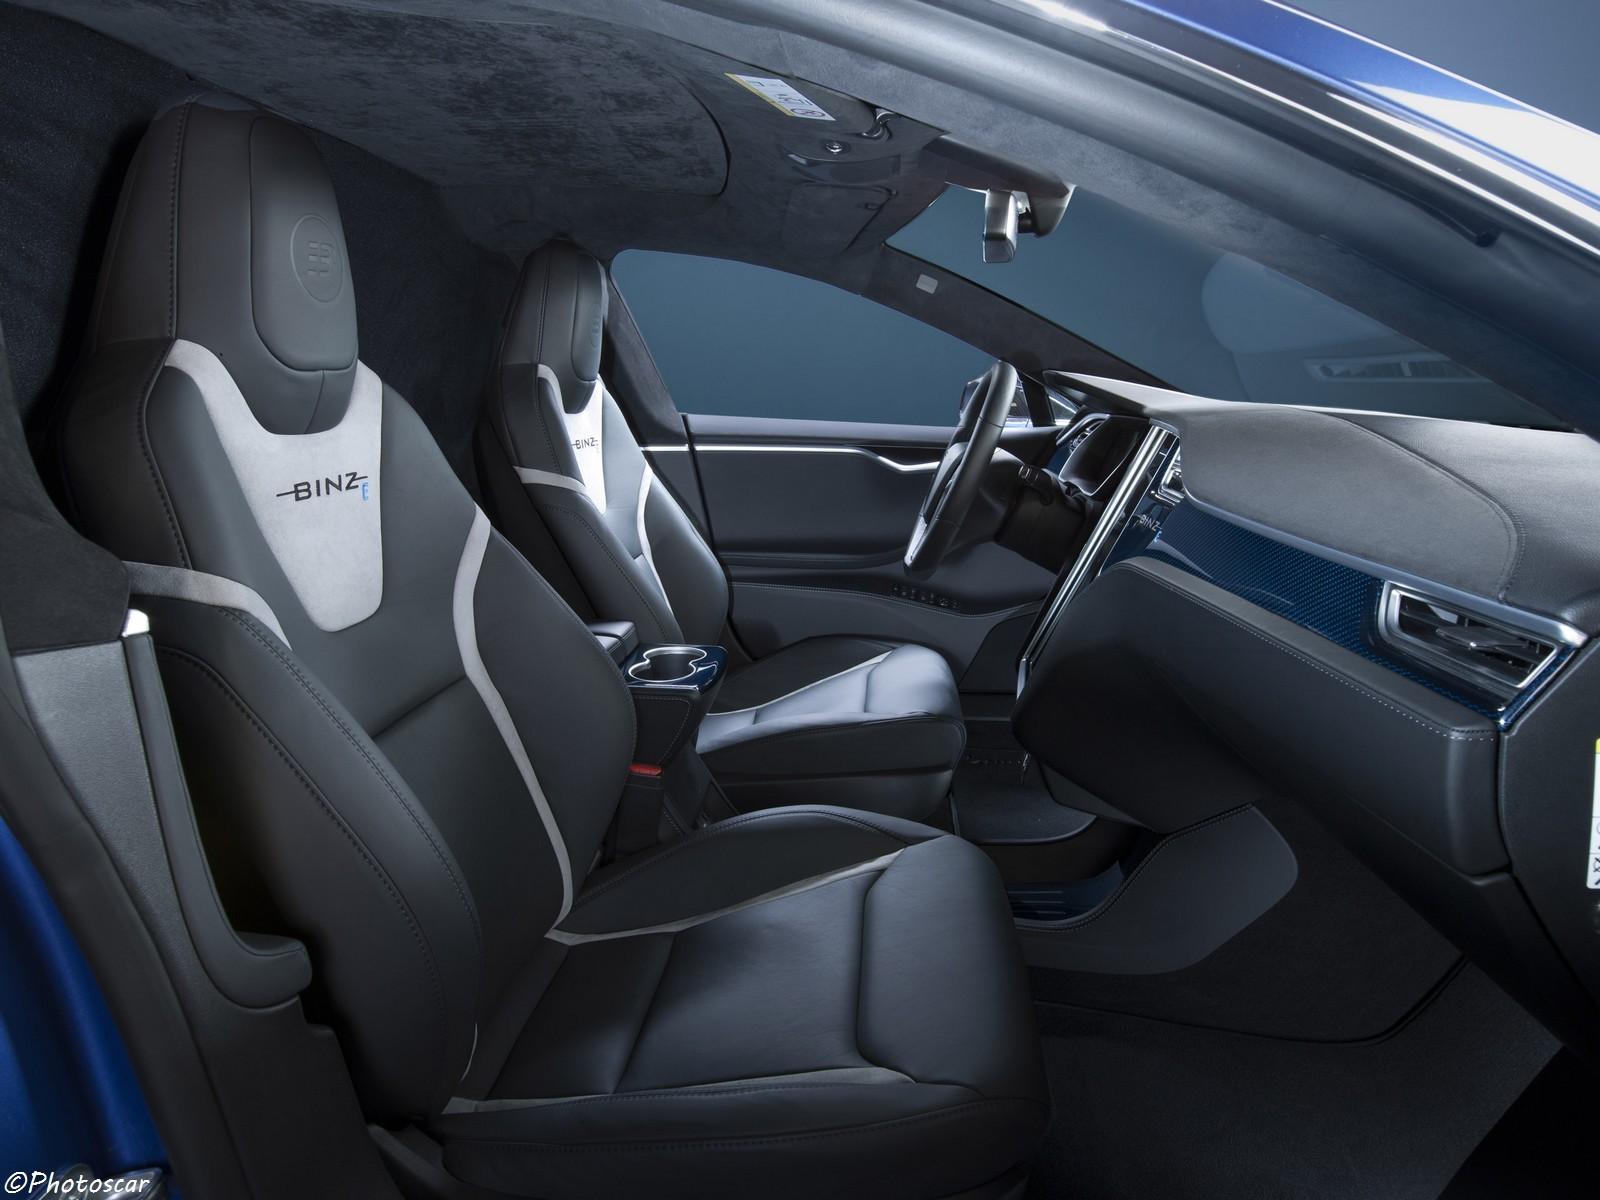 Binz-E Tesla Model S 2017